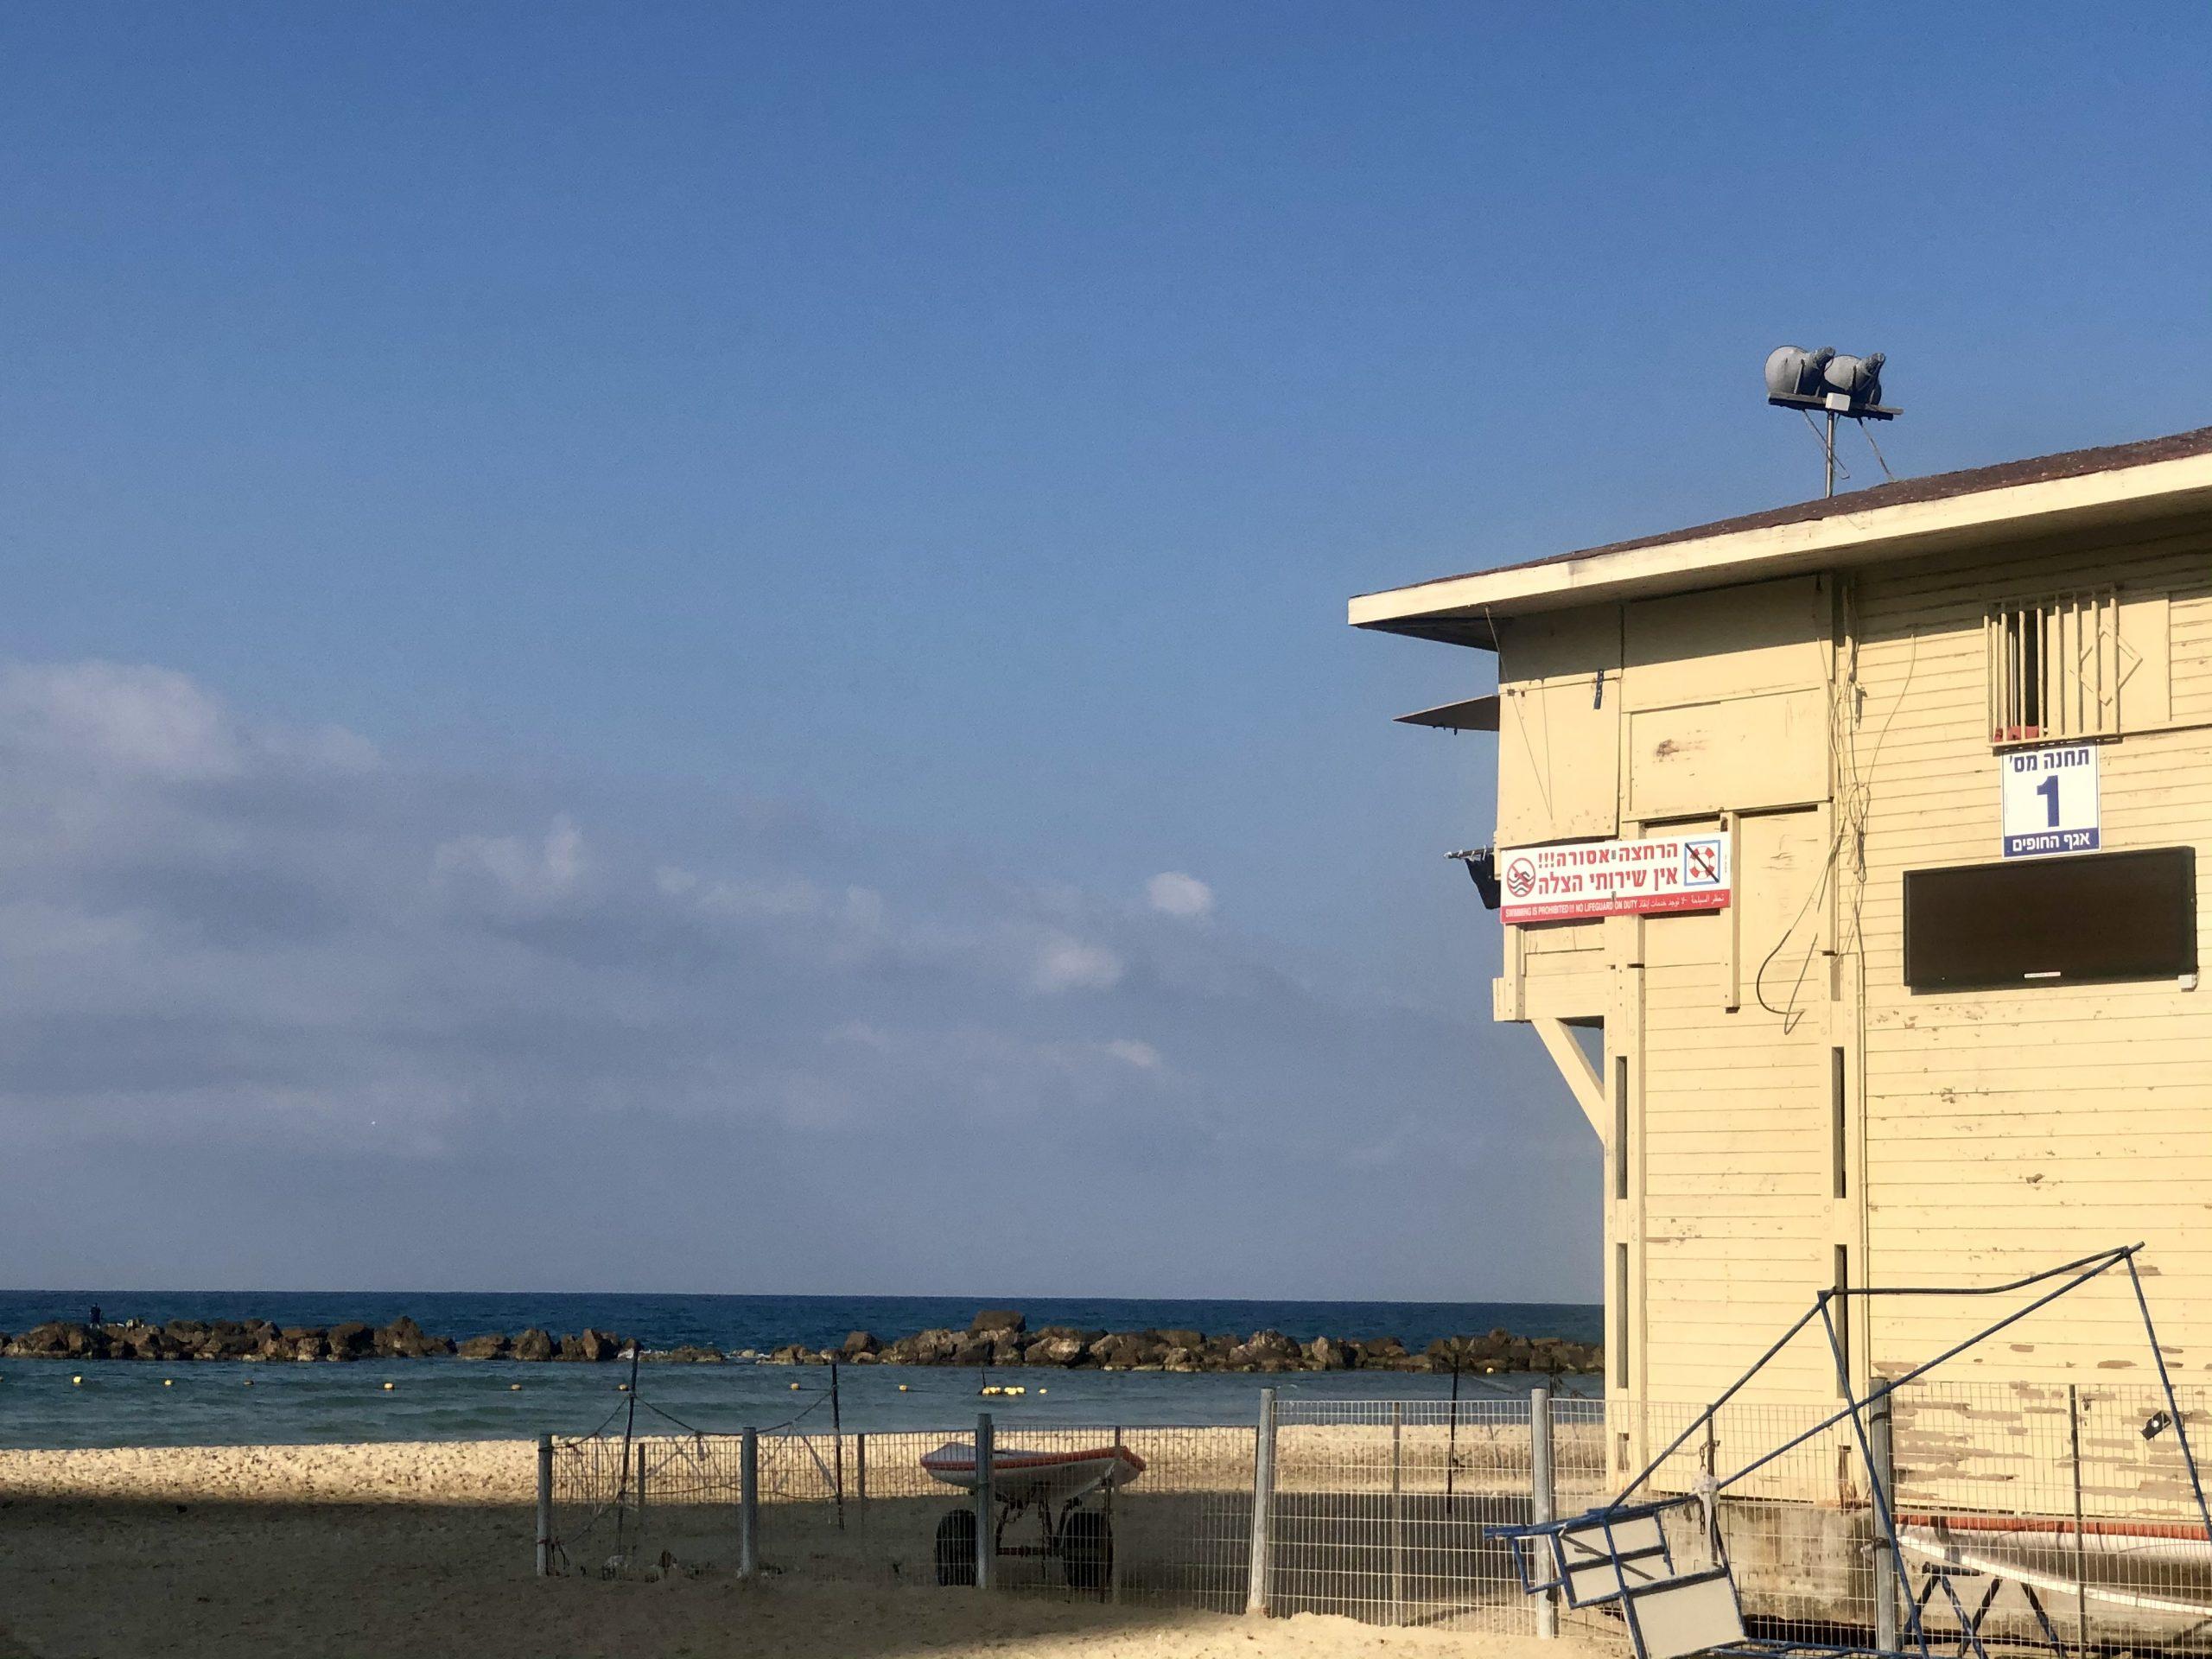 Израиль, туризм: все пляжи в стране закрыты. Спасательные вышки заколочены. Надпись: «Купание запрещено». Фото Елены Шафран